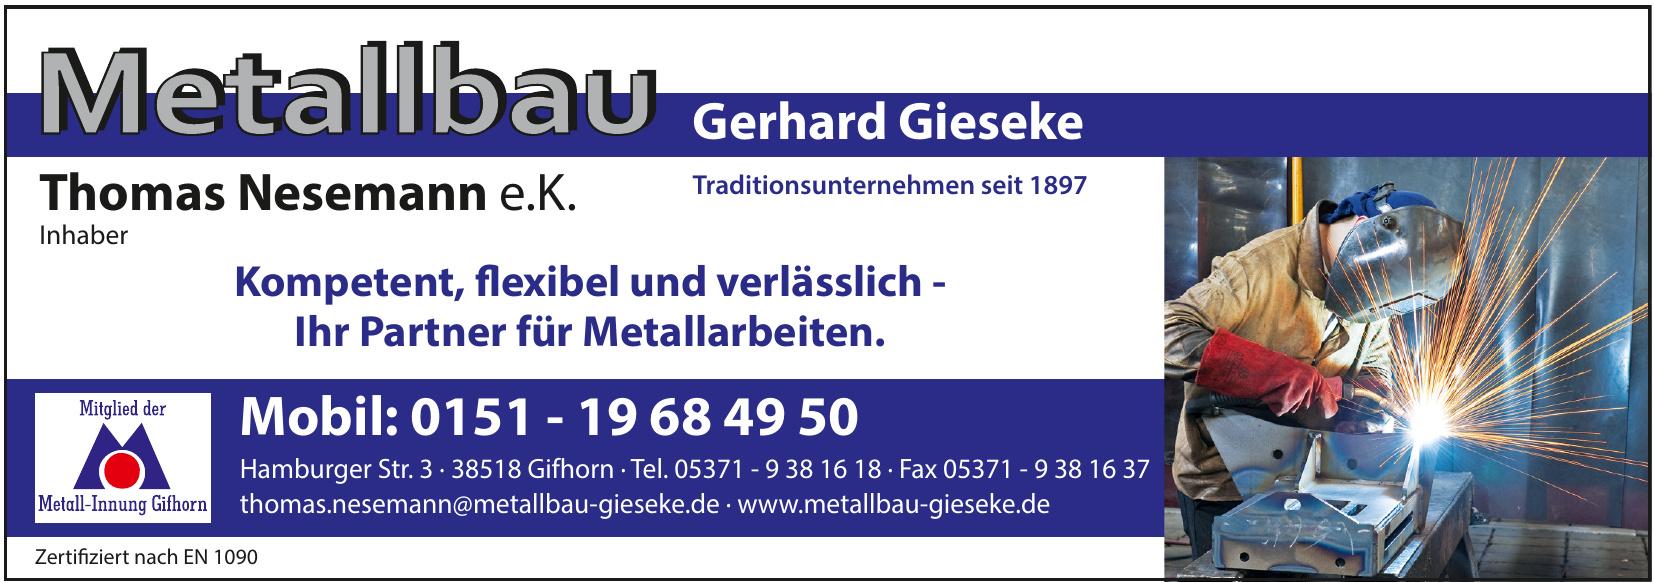 Metallbau Gerhard Gieseke